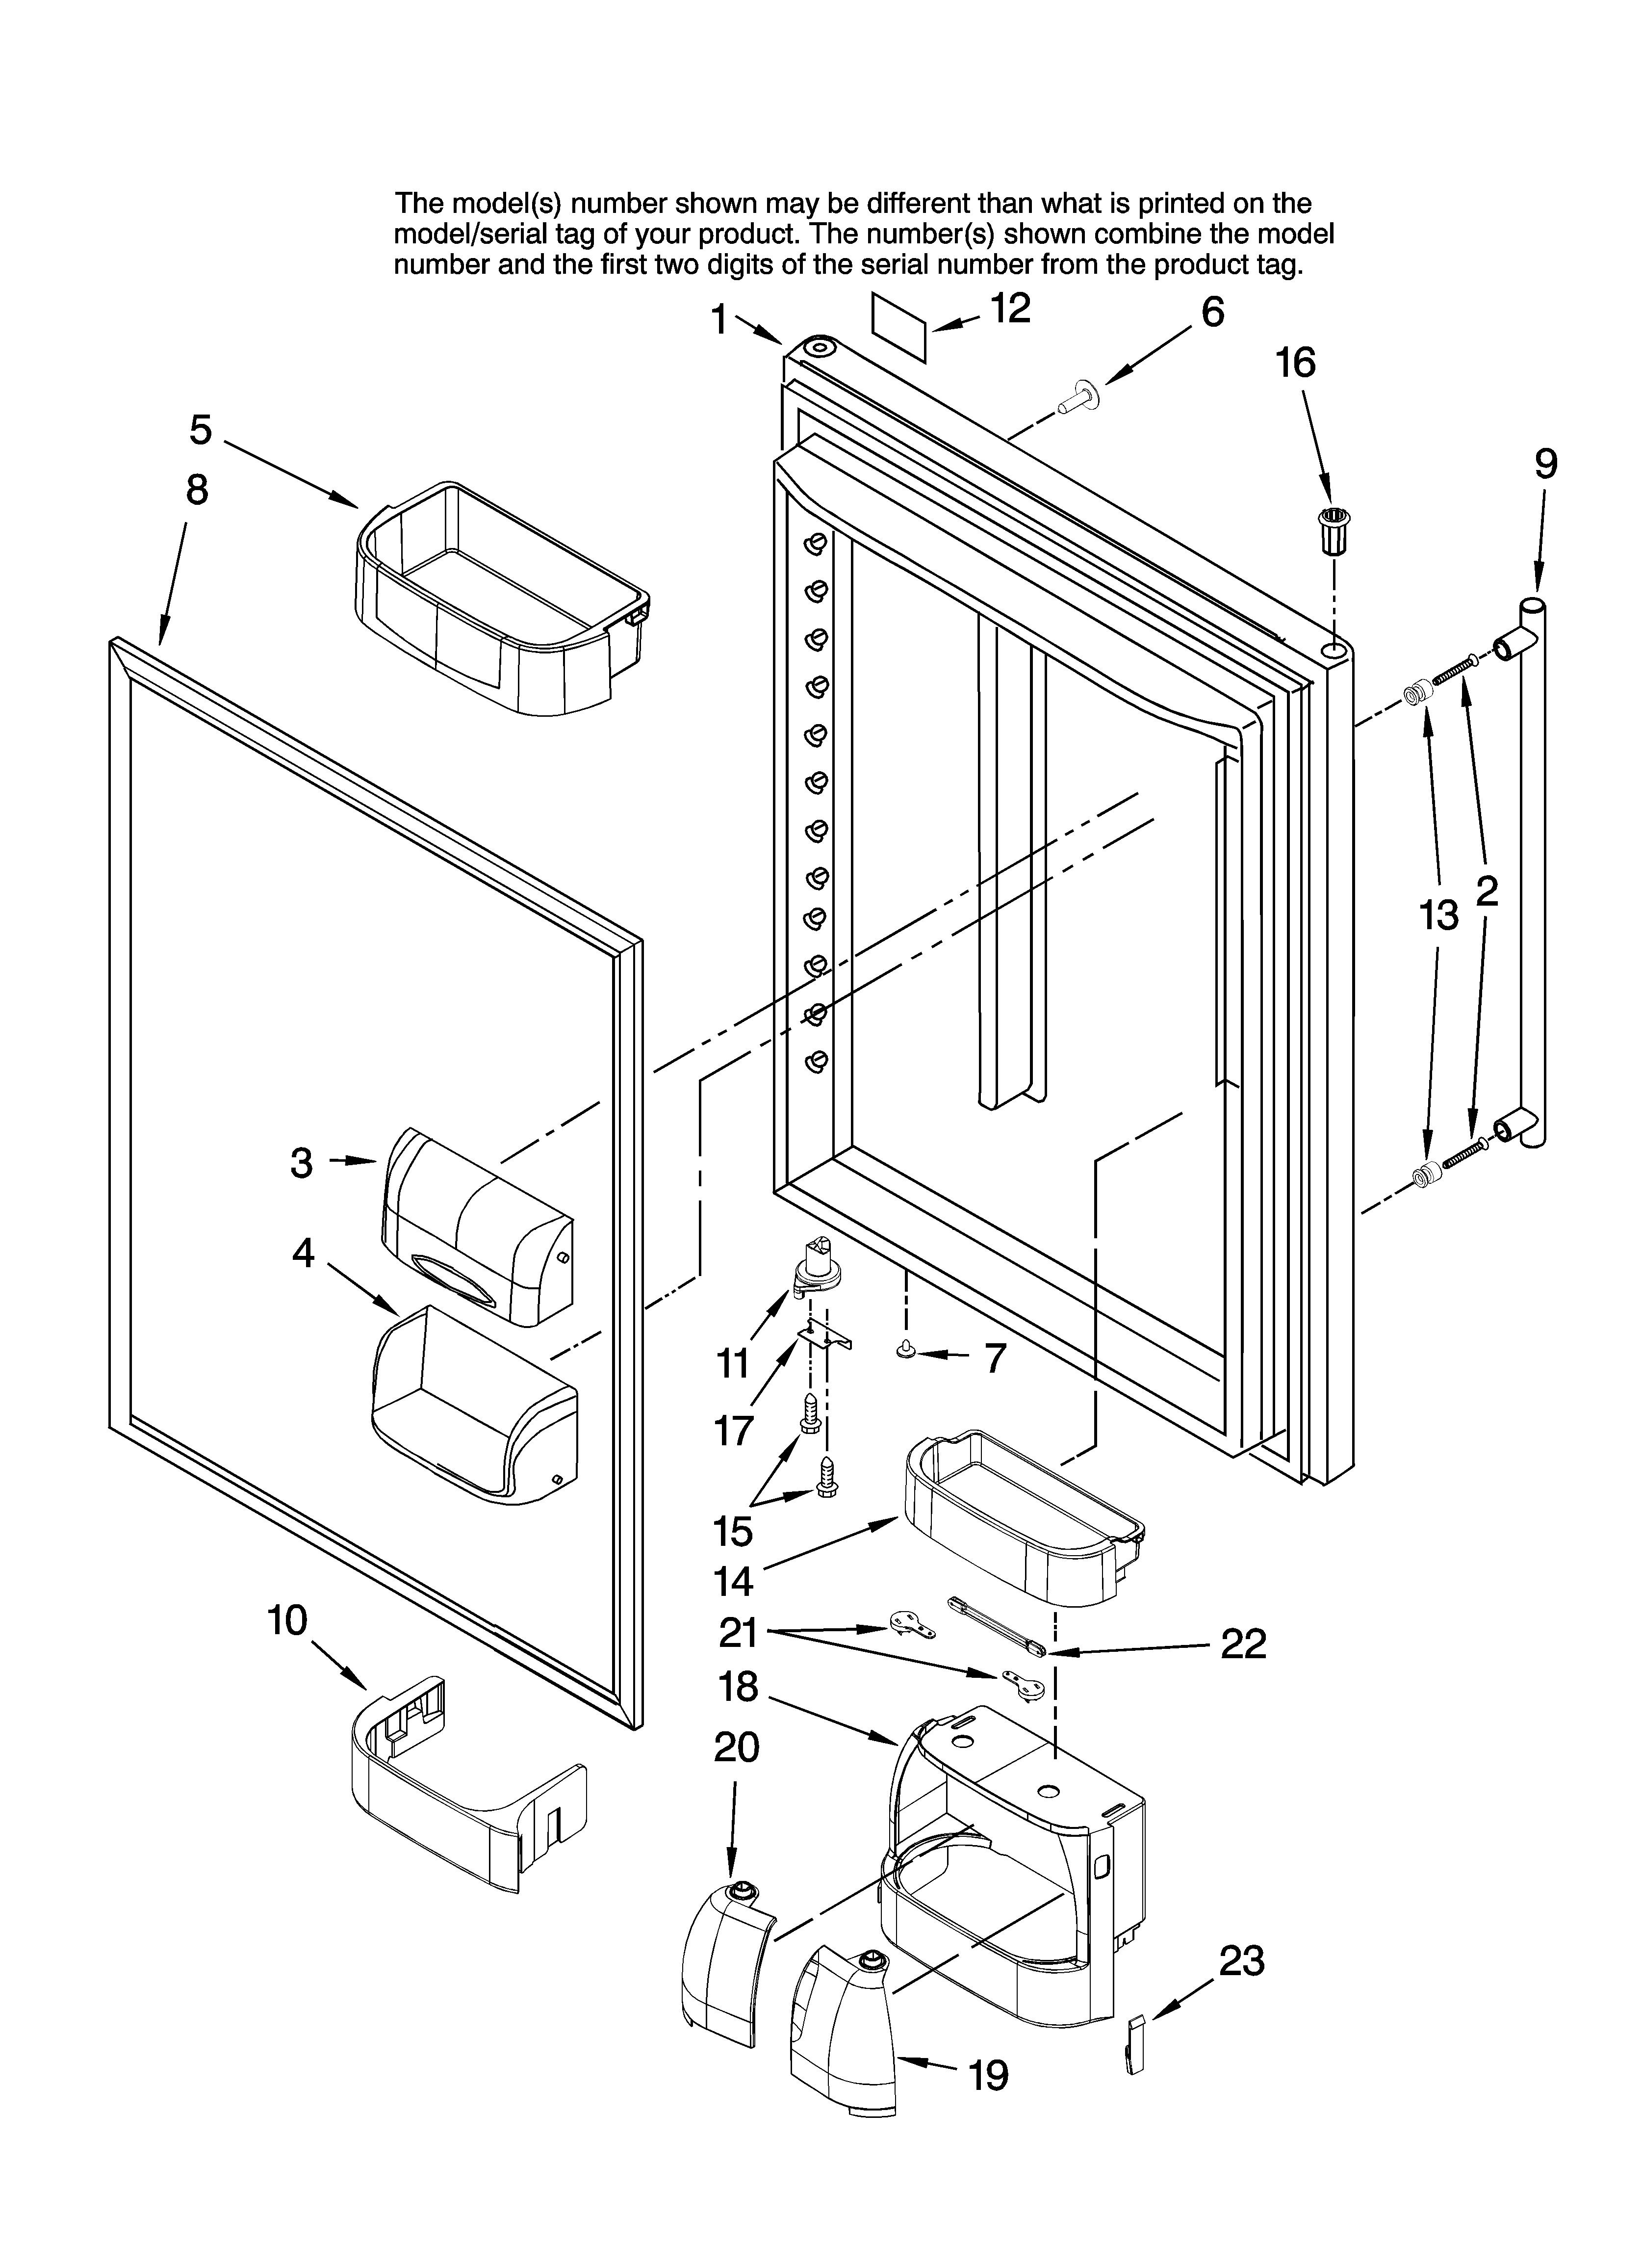 Free Download 3 Way Wiring Diagram